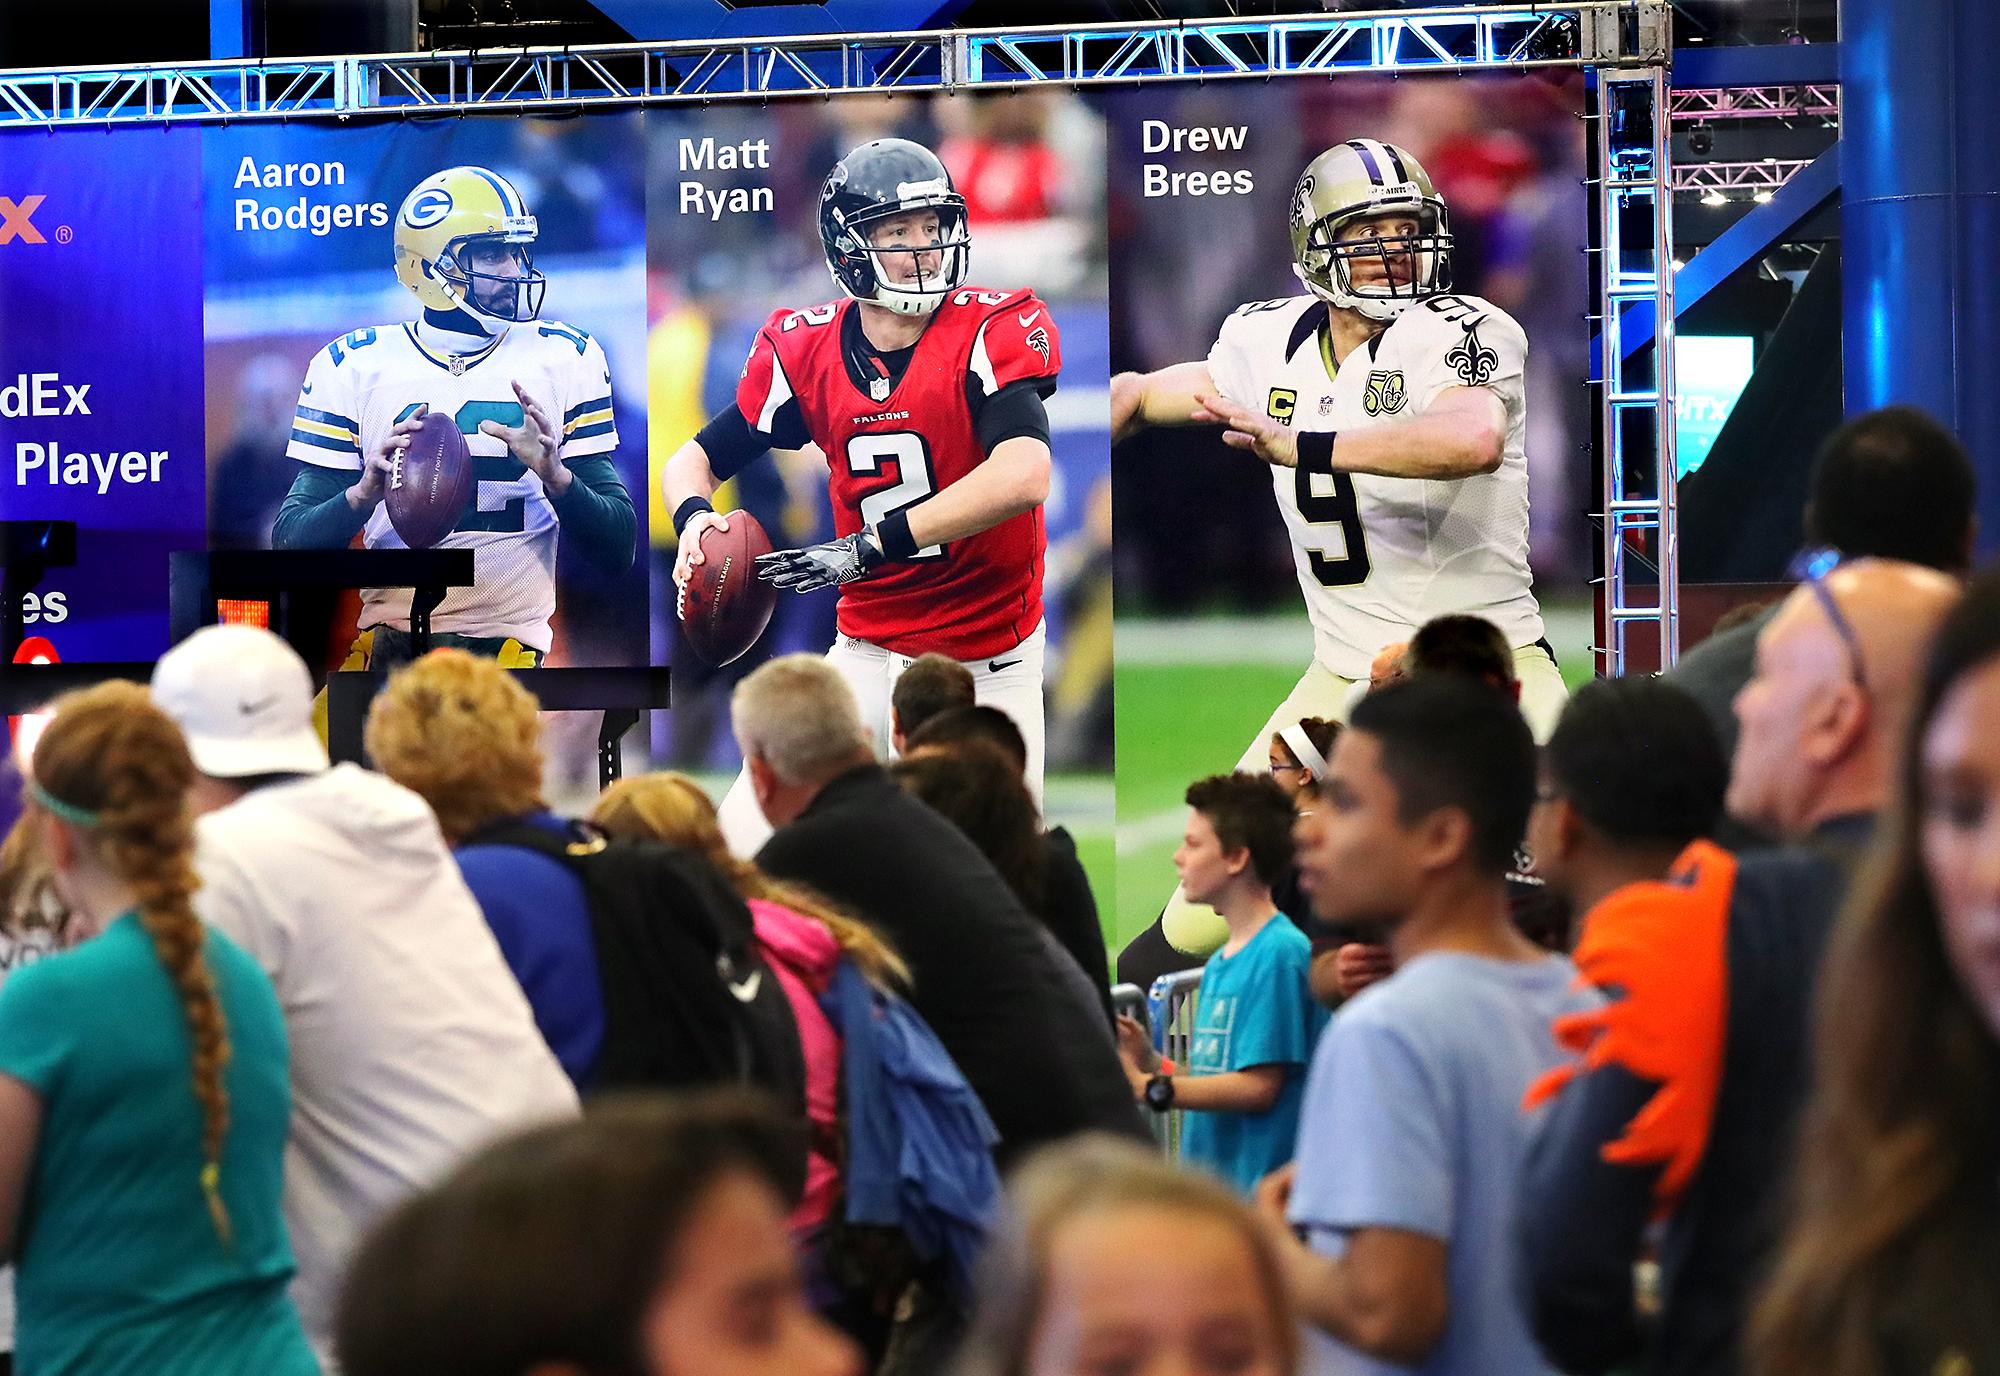 It's not the Falcons vs. Patriots. It's John Lewis' team vs. Donald Trump's